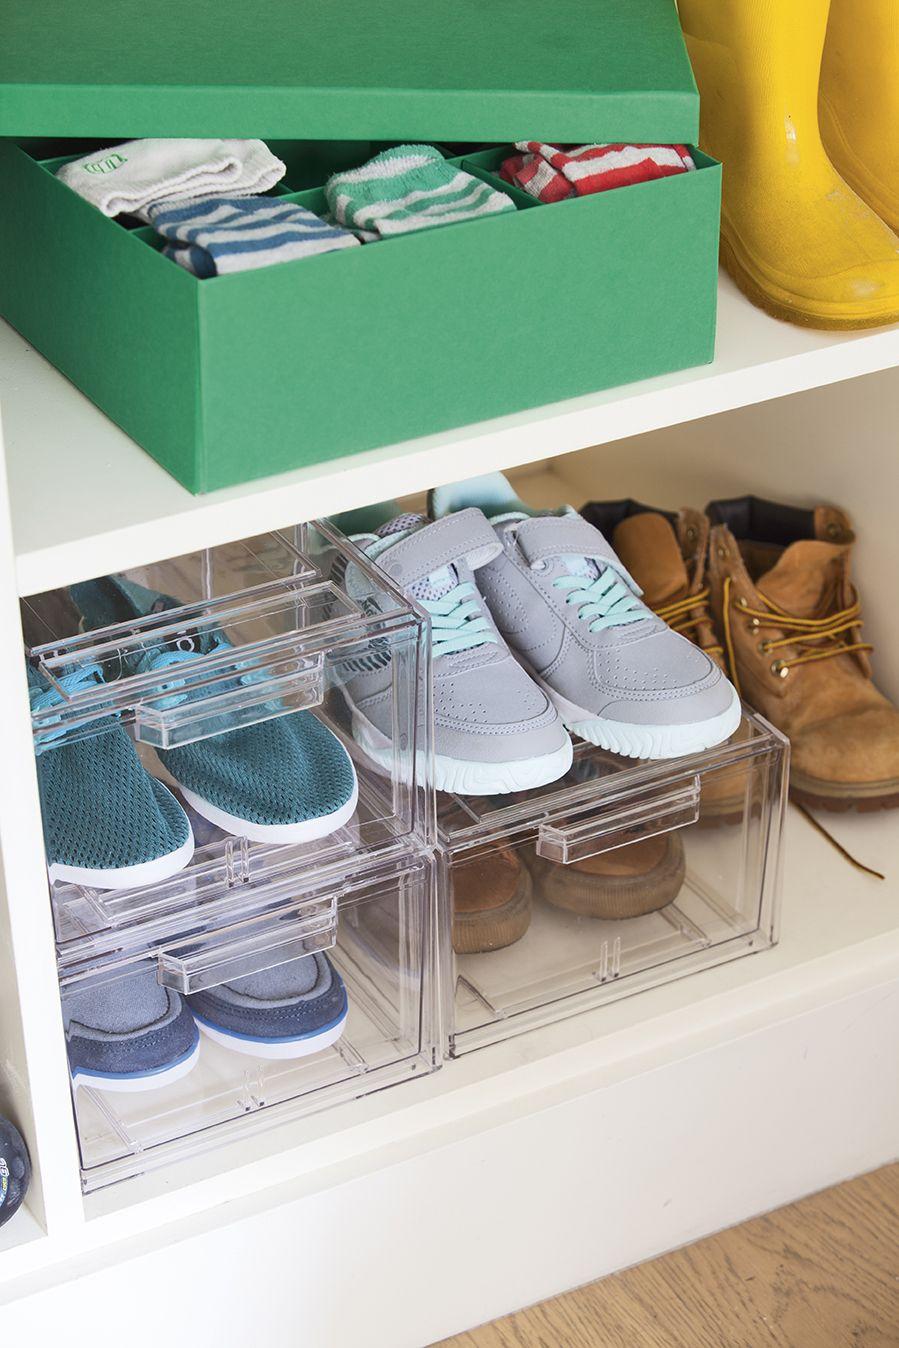 botines y botas gris humo Organizador de zapatos estrecho con cuatro baldas para sandalias Zapatero alto de pl/ástico para el pasillo o el armario mDesign Mueble zapatero